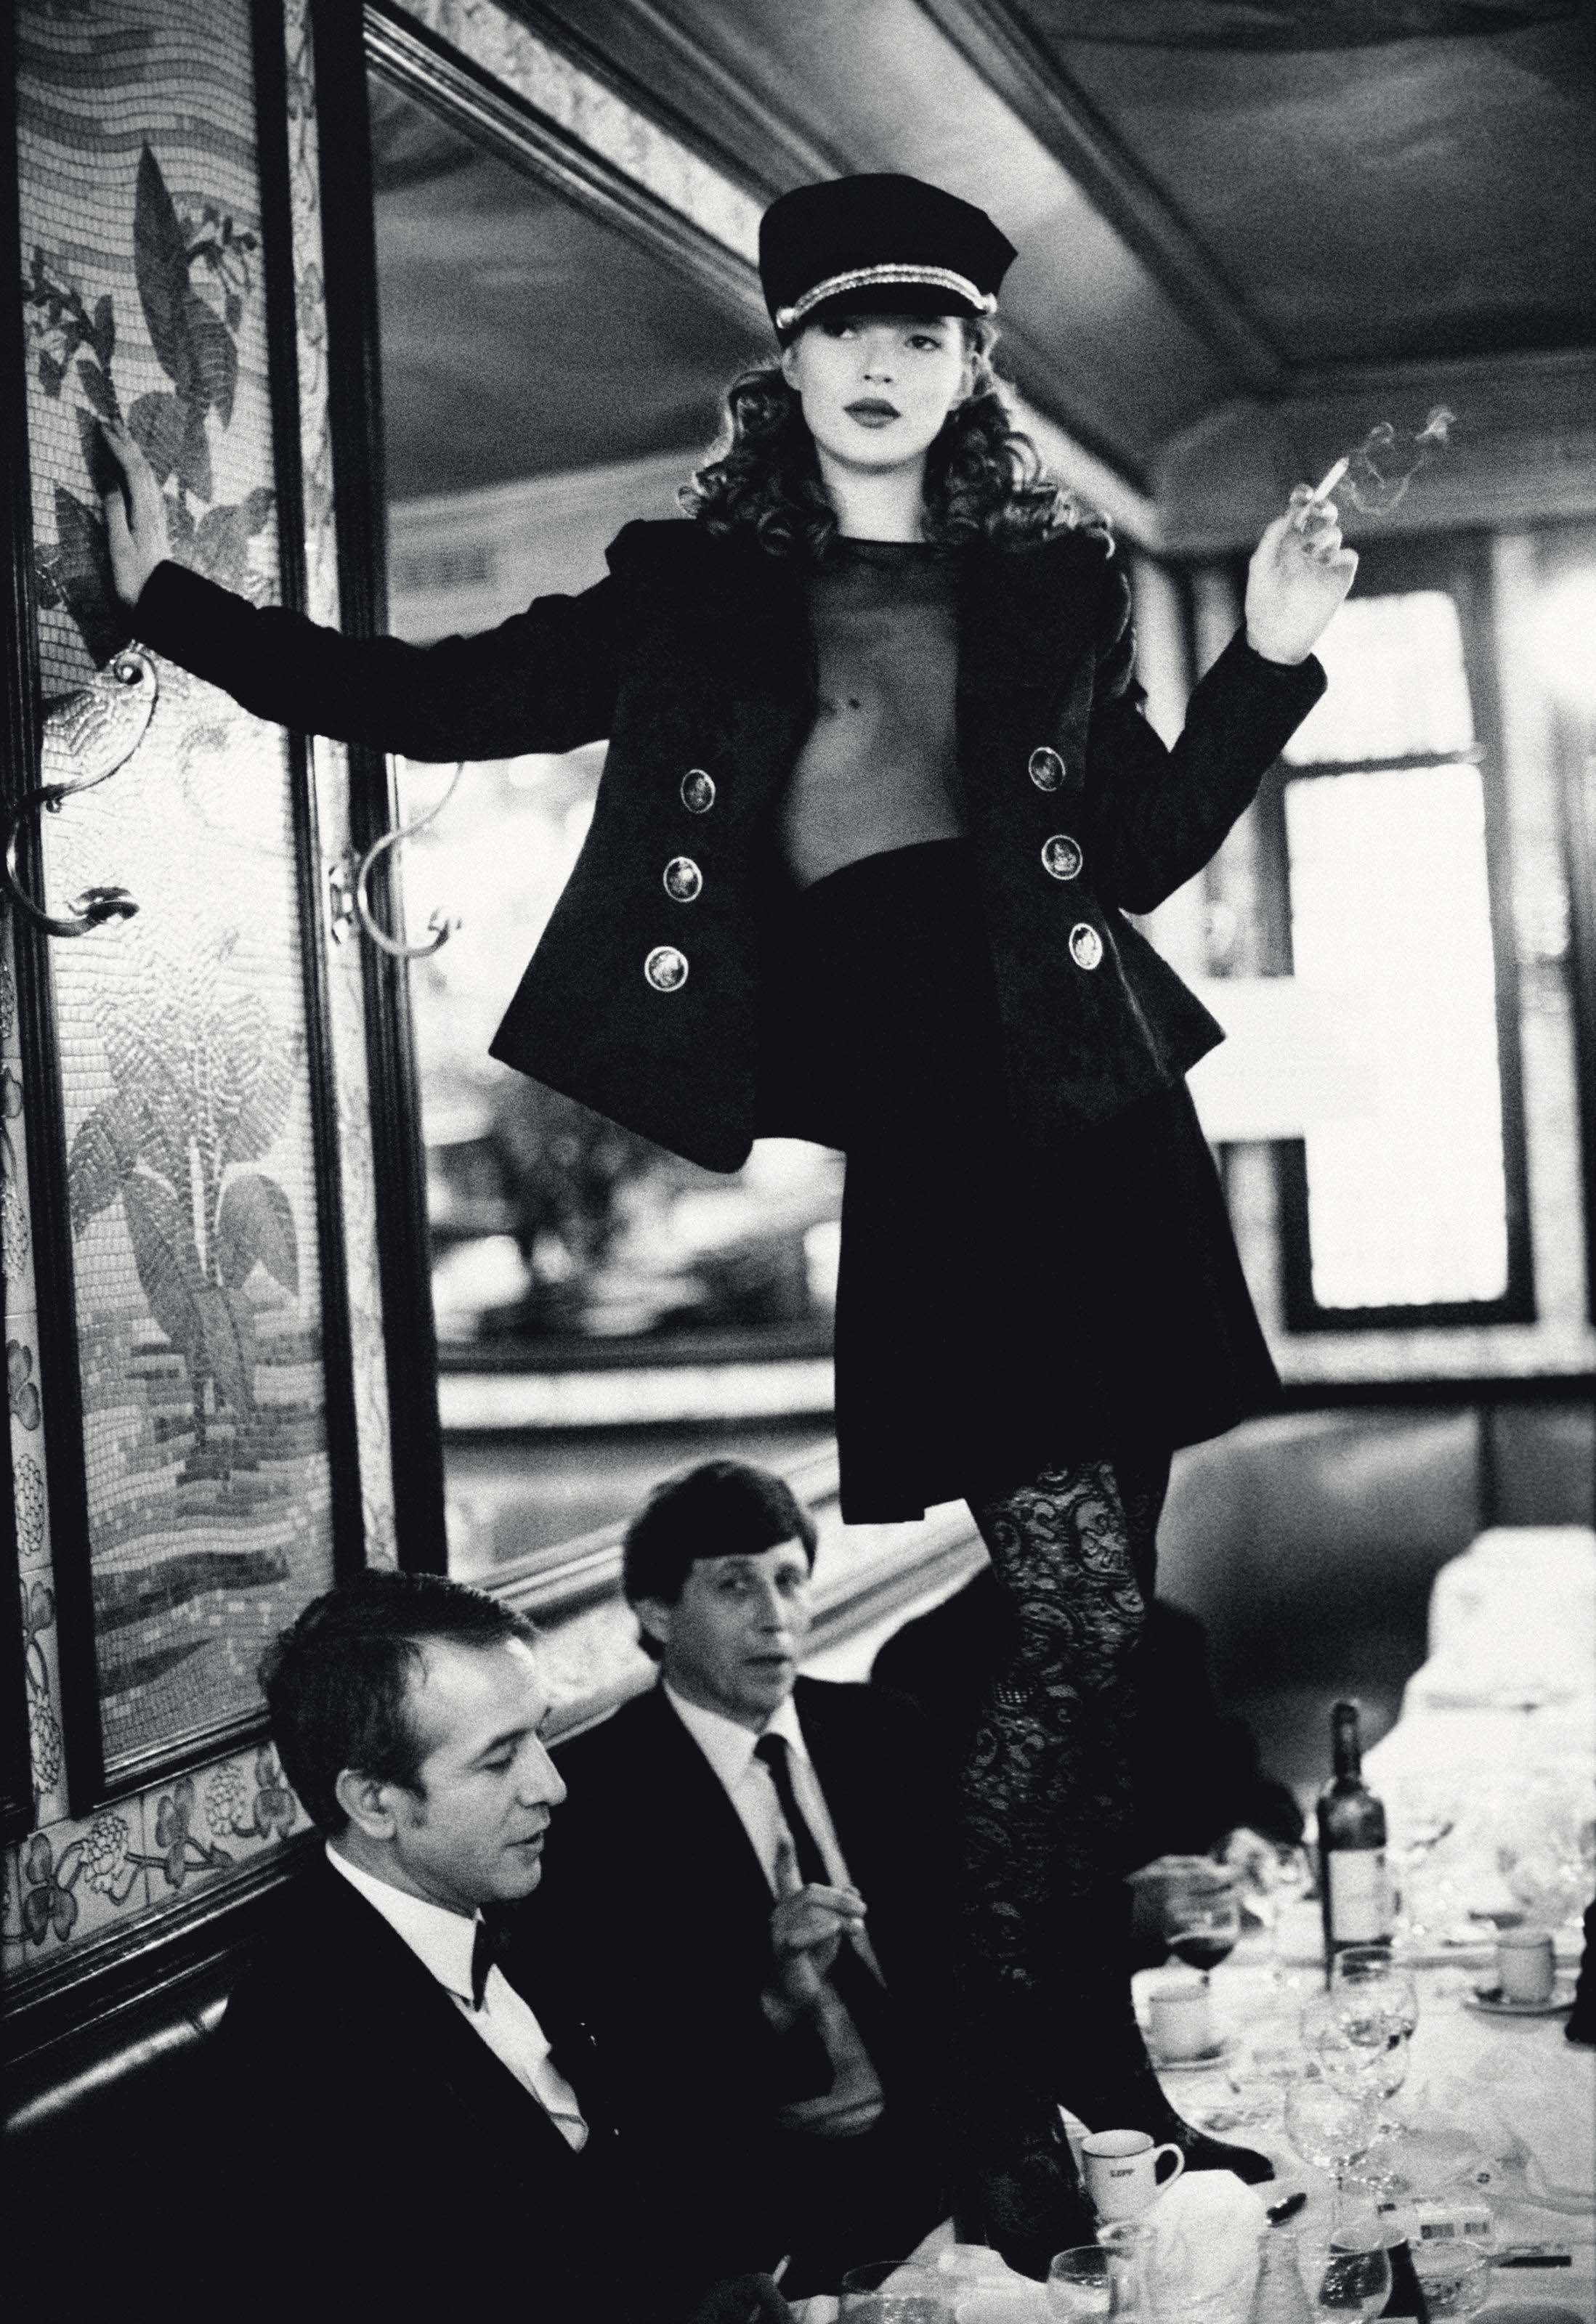 Kate Moss at Brasserie Lipp, Paris, for Italian Vogue, September 1993